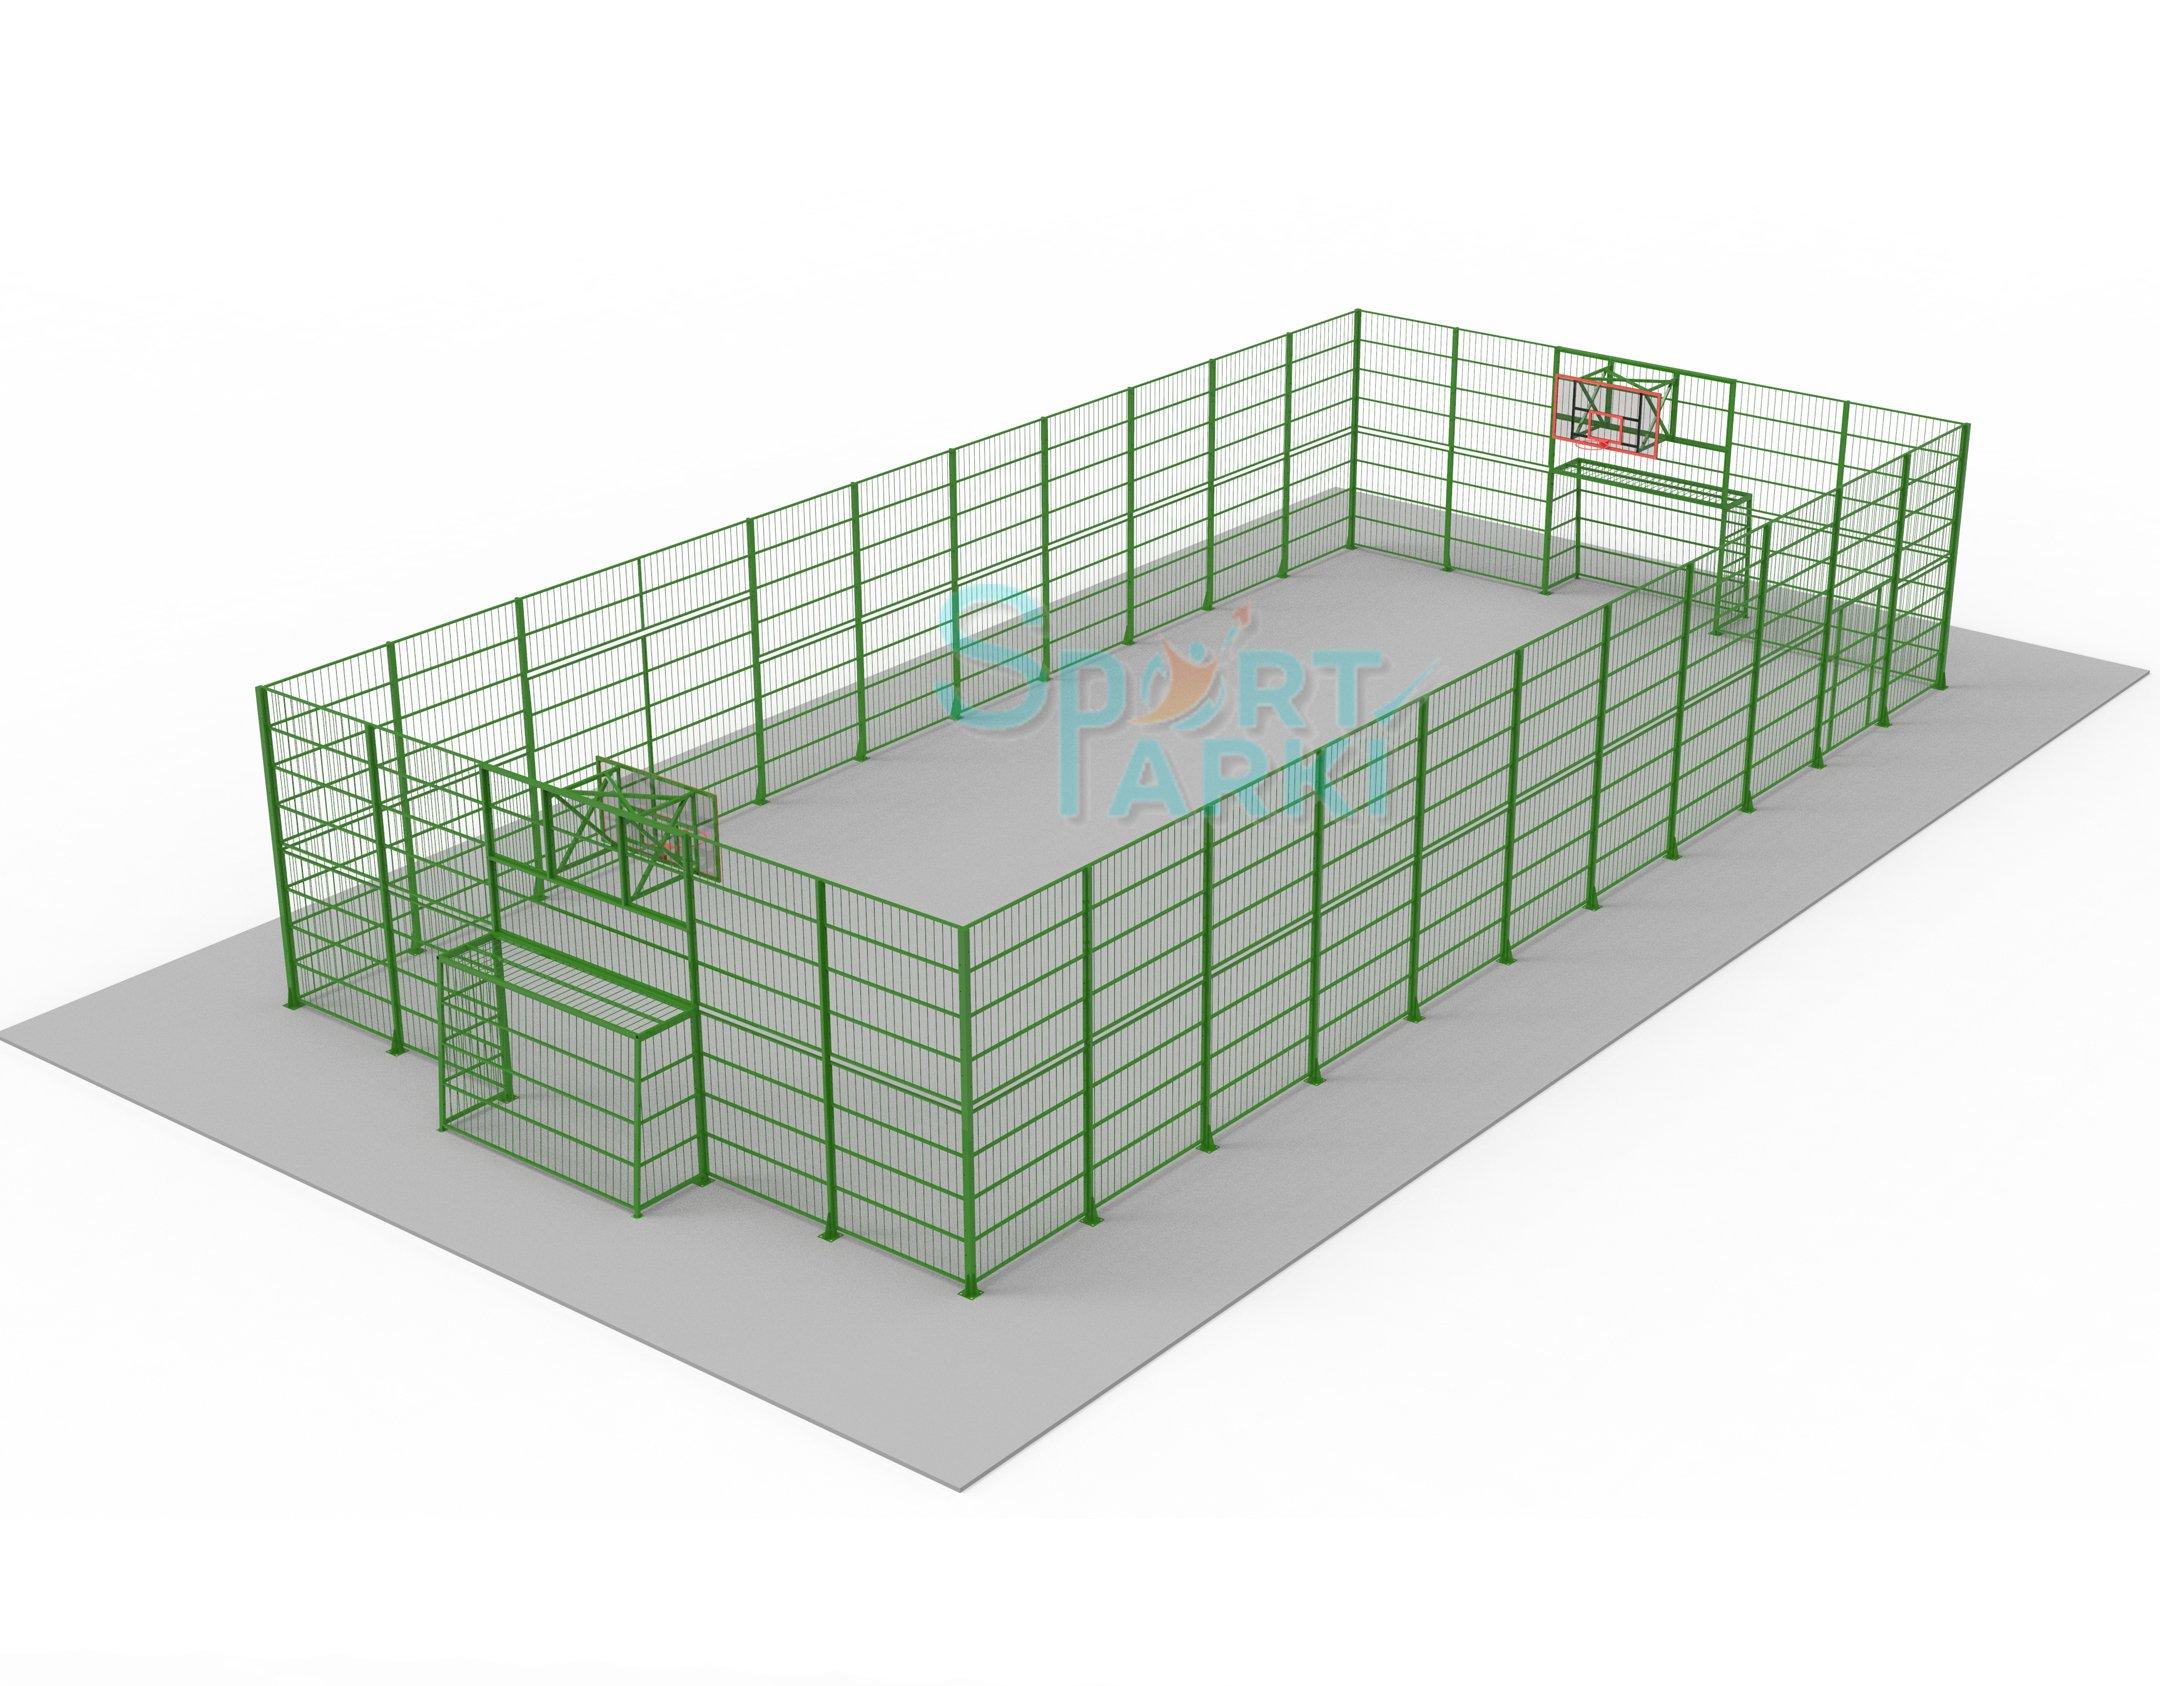 Ограждение спортивных площадок, стойкое к механическим повреждениям, от Sport-parki 2